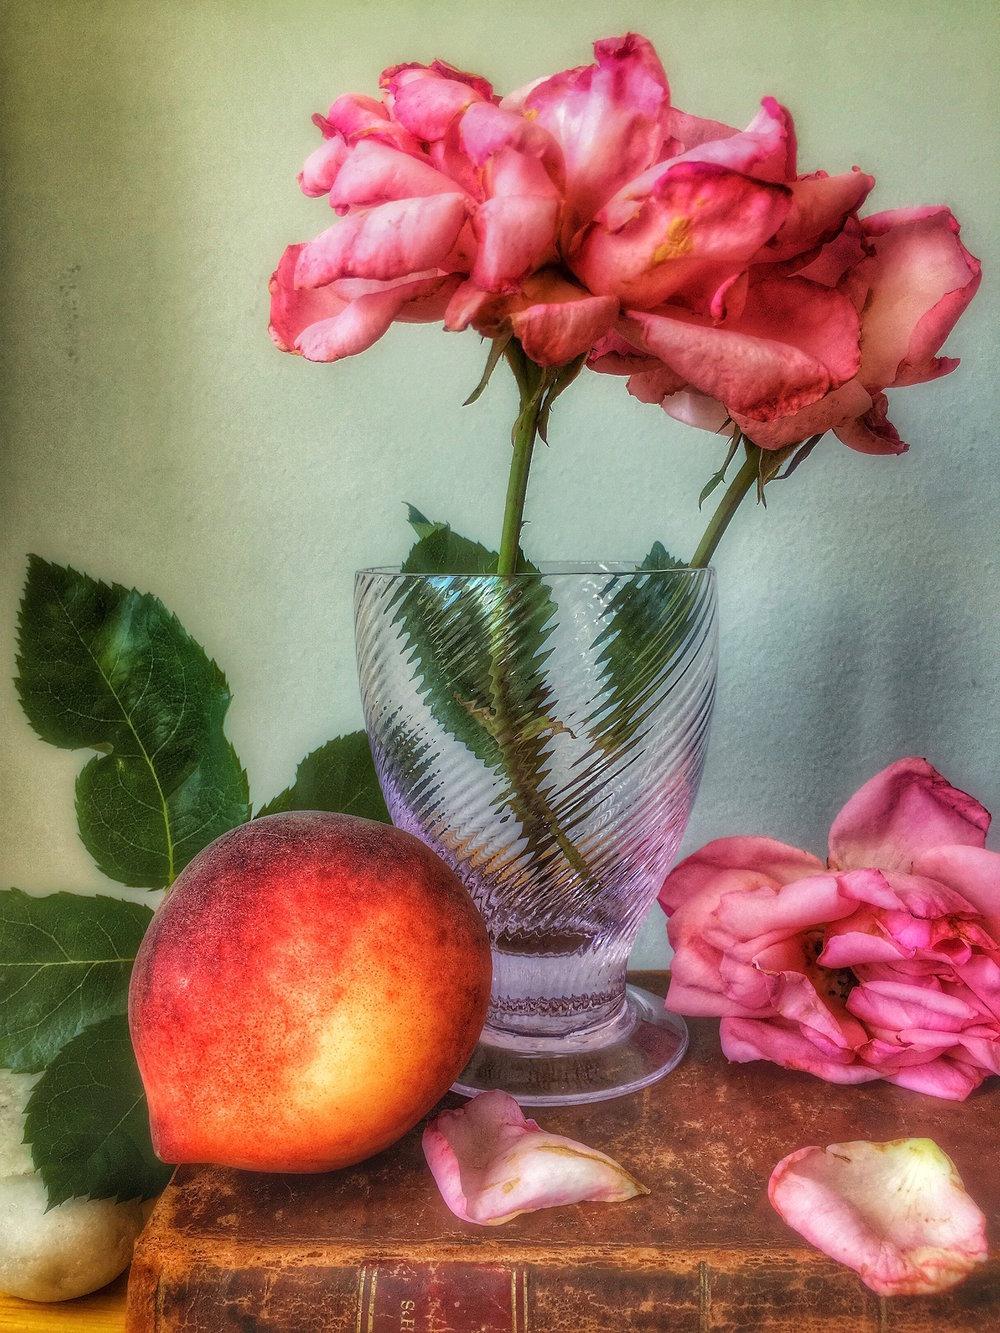 RosePeachStillLife.jpg